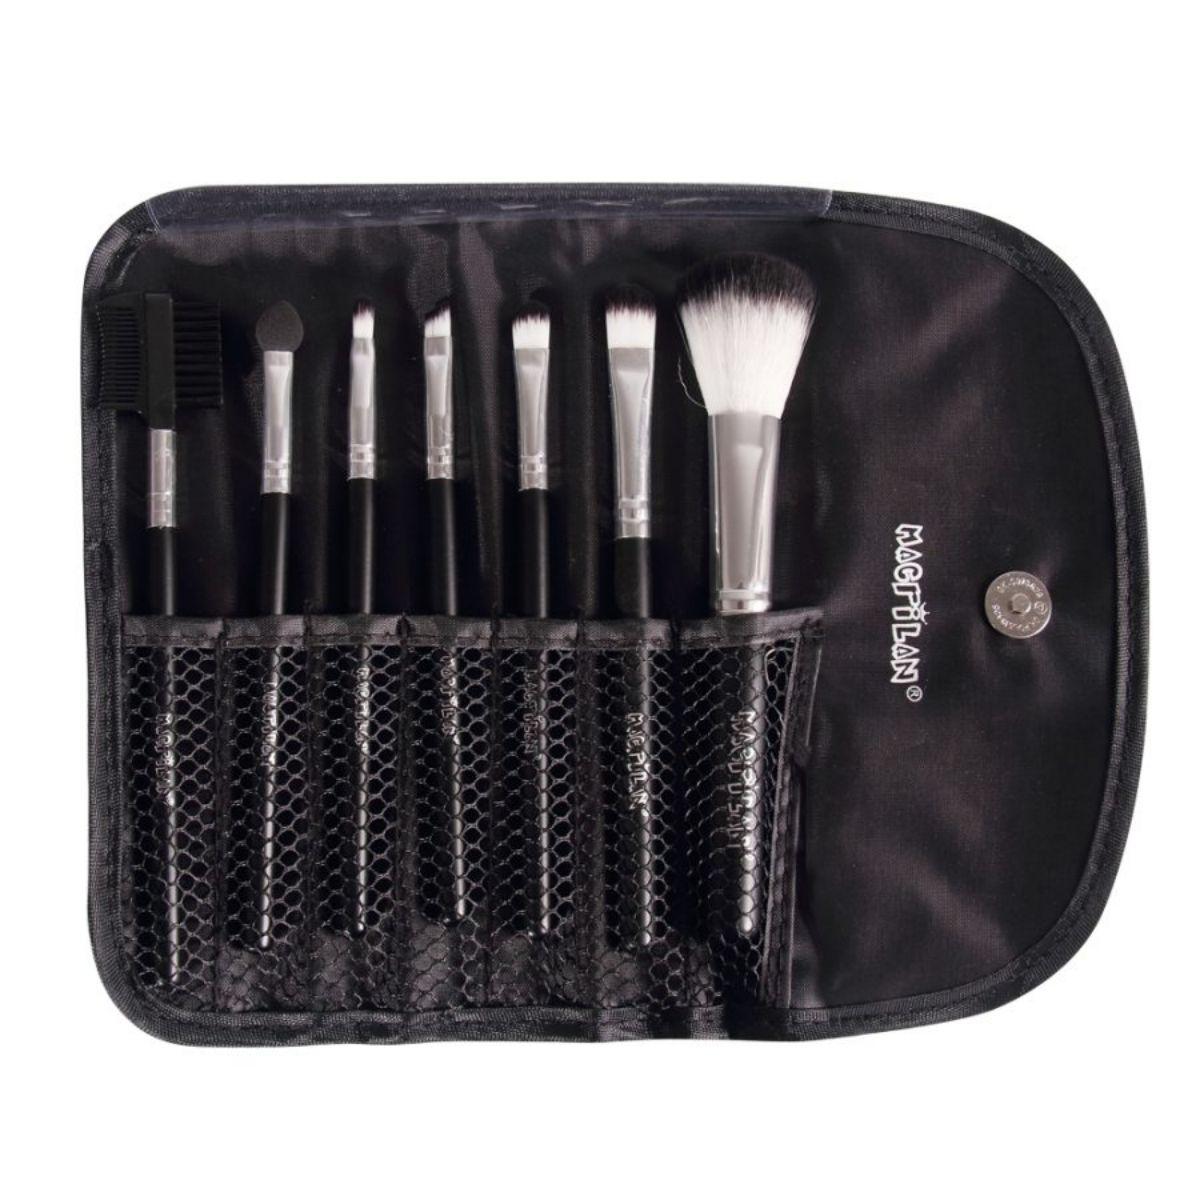 Kit KP1-3E com 07 pincéis para maquiagem Macrilan